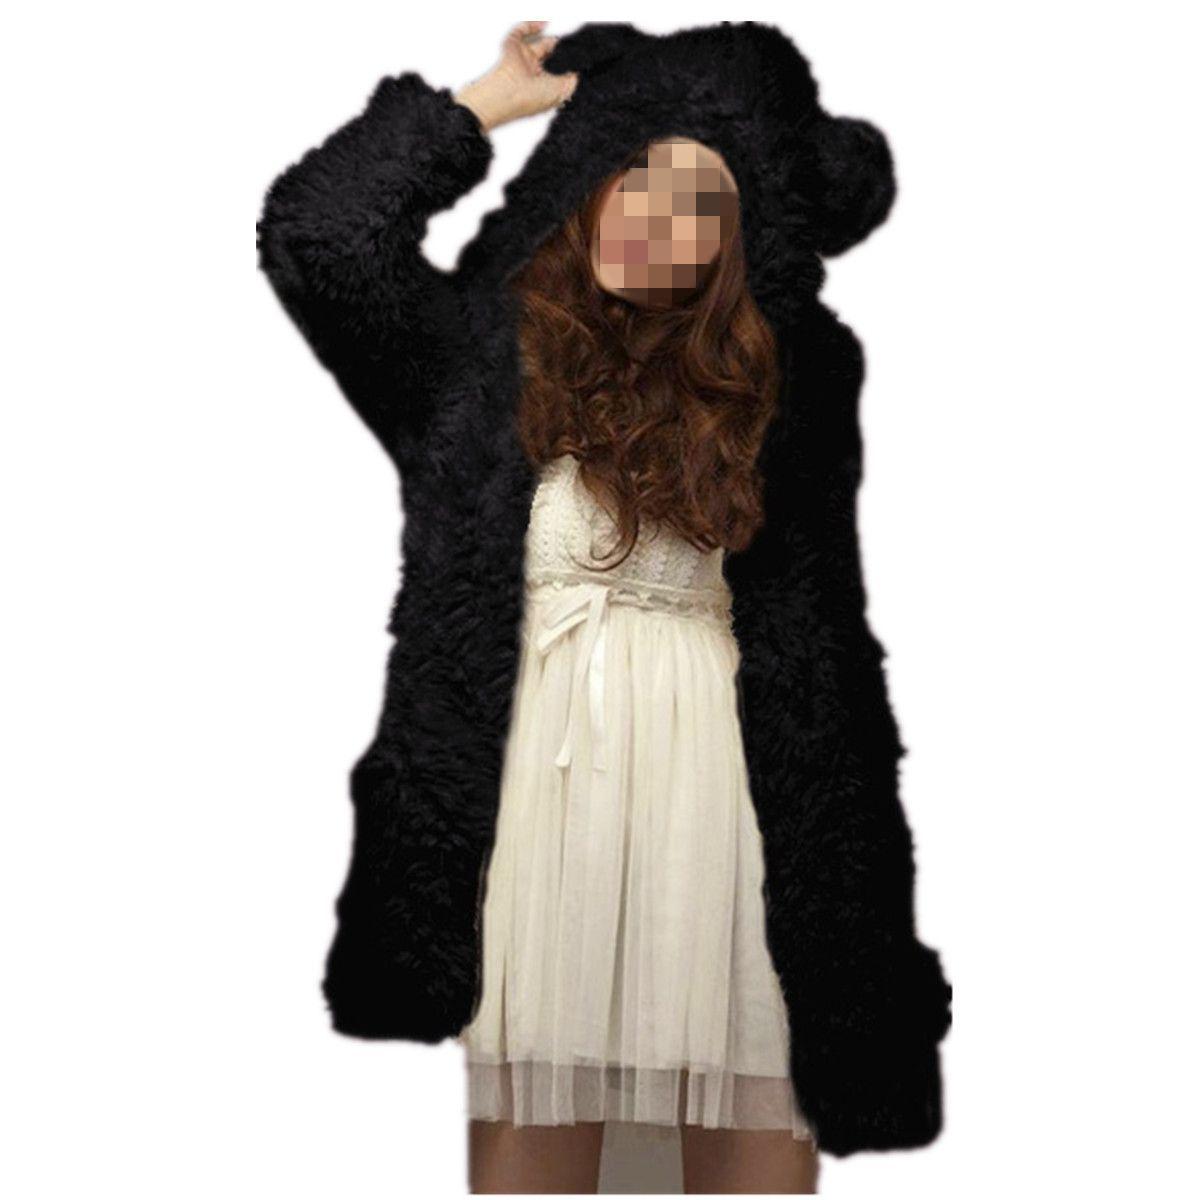 Cardigan Veste Capuche Peluche Animal Outwear En Manteau Femme Oreilles 0qPv11